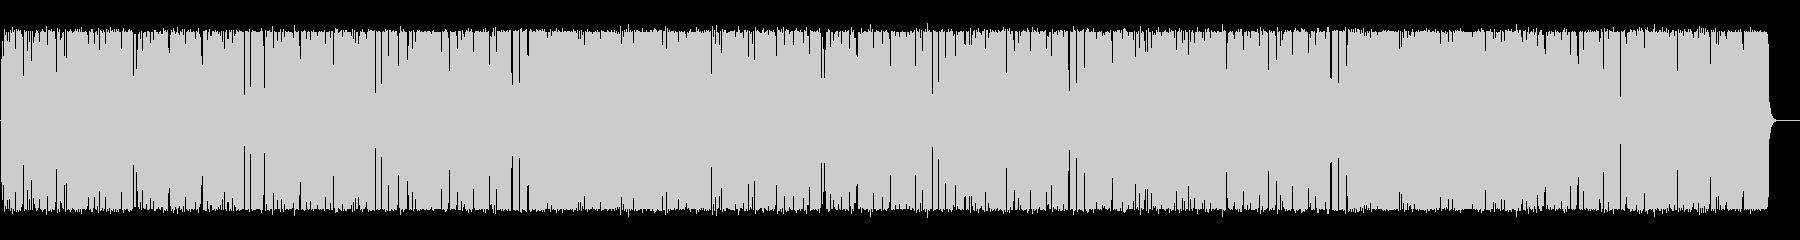 明るくリズミカルなラテン調BGMの未再生の波形